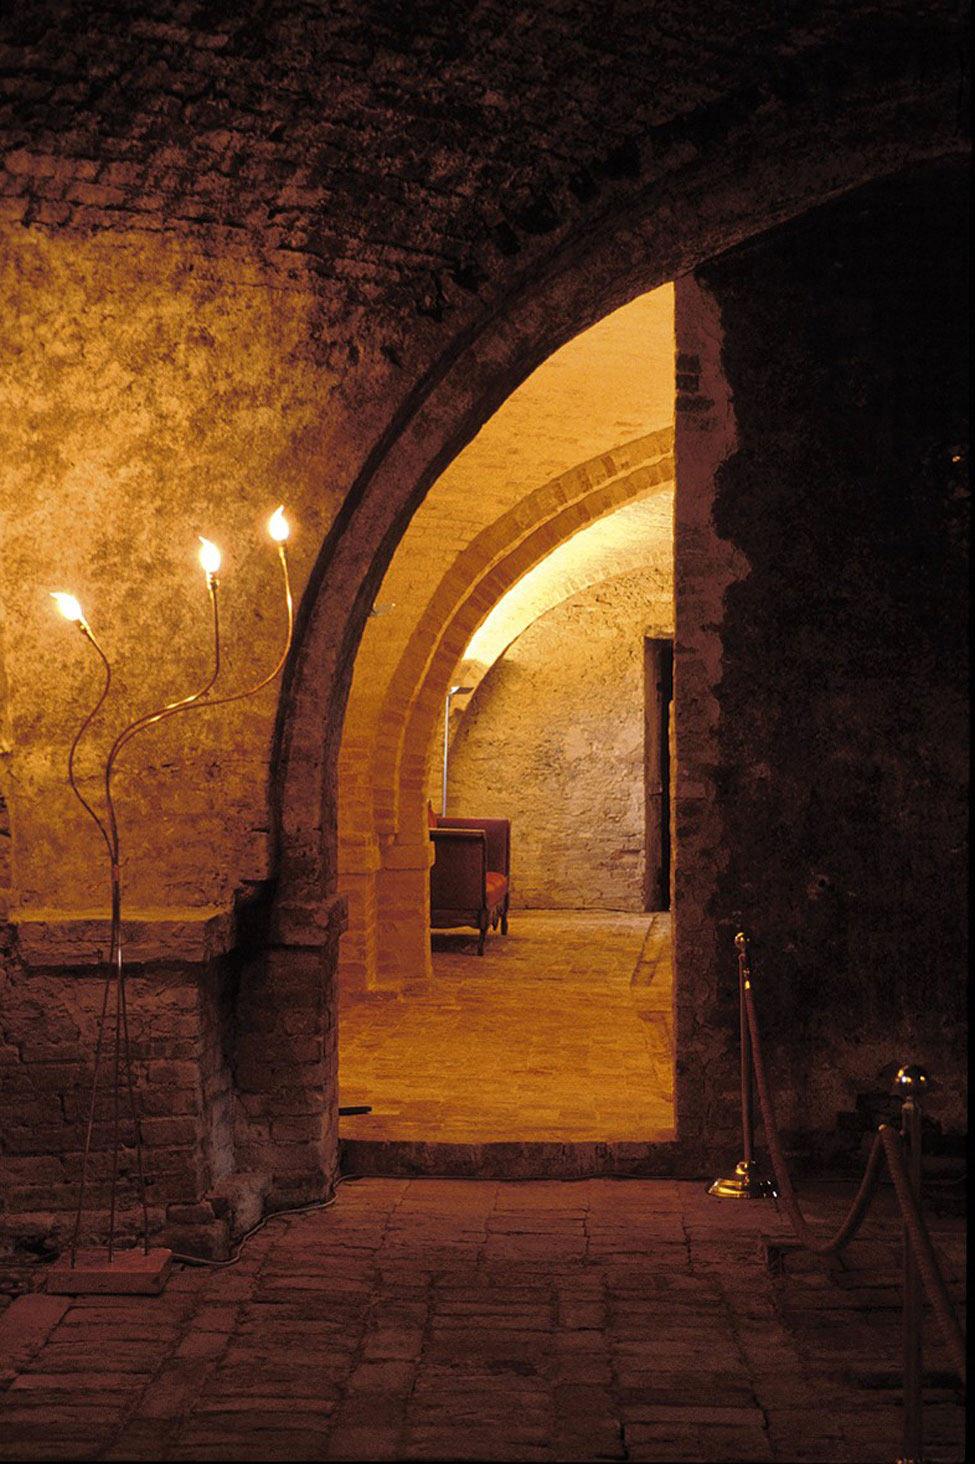 Entrance, Castello di Semivicoli Hotel in Casacanditella, Italy